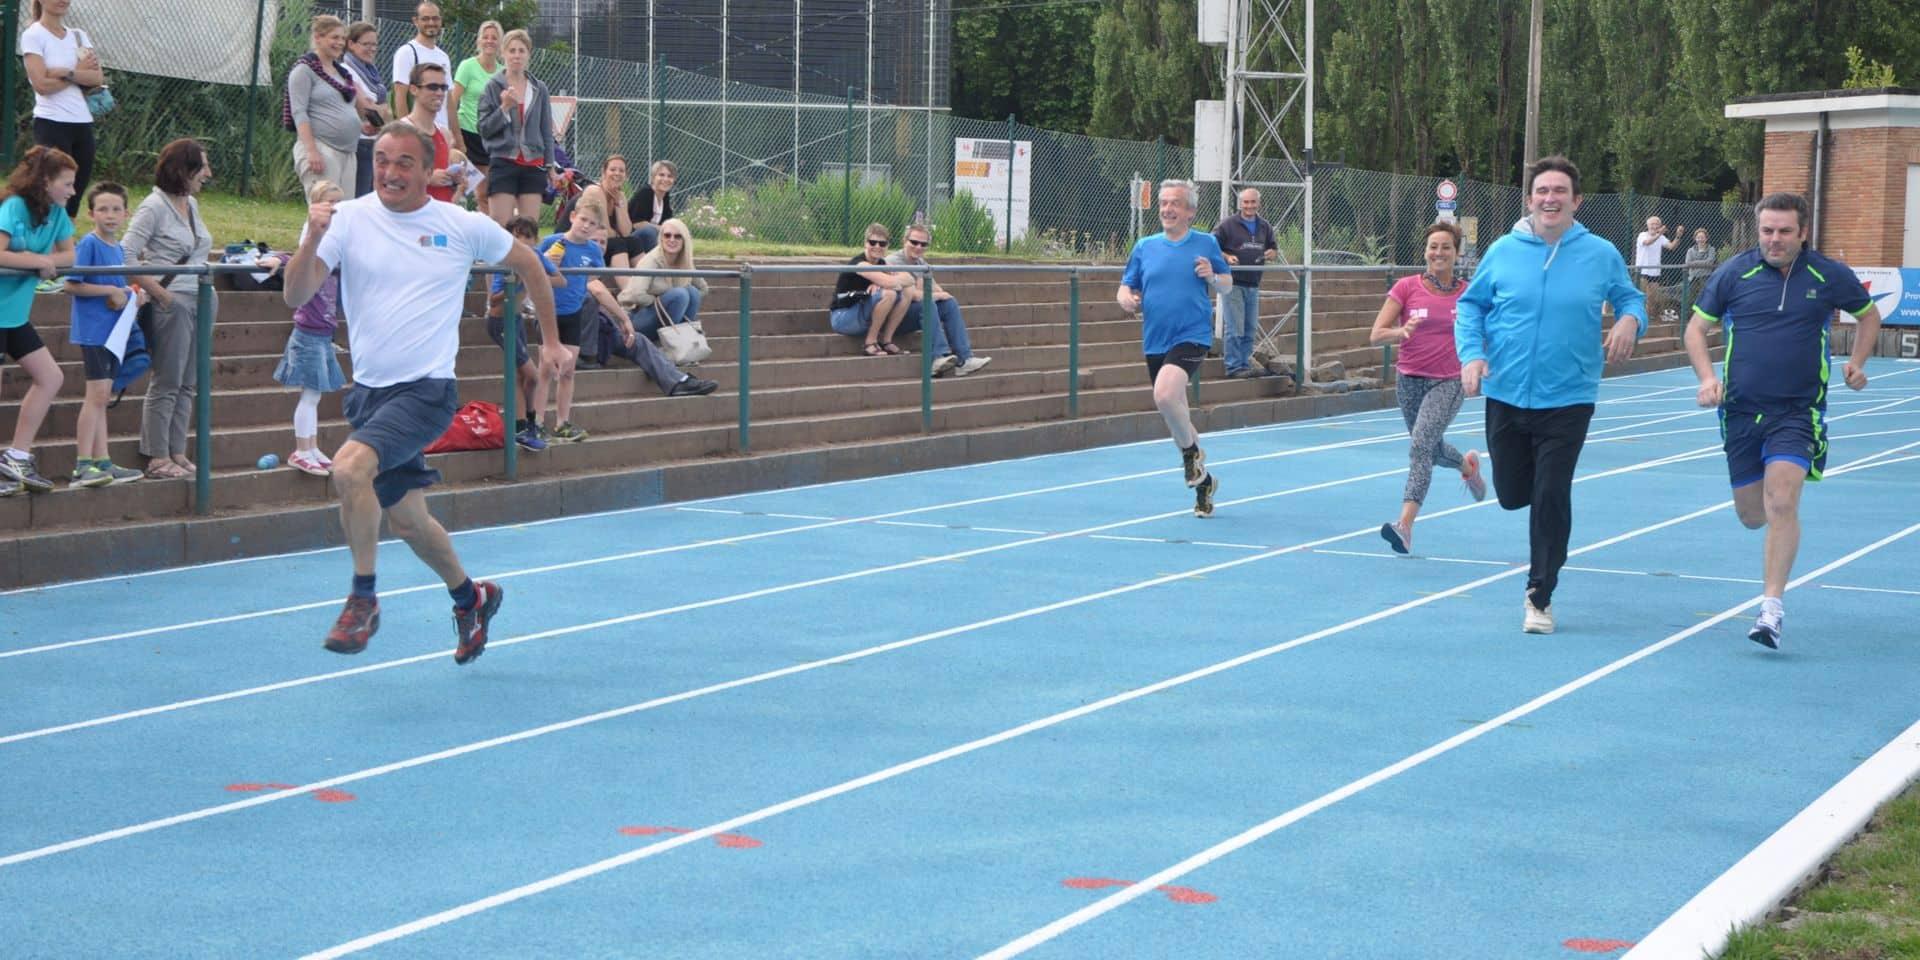 La piste d'athlétisme de Nivelles en très mauvais état: la Ville entame une action en justice